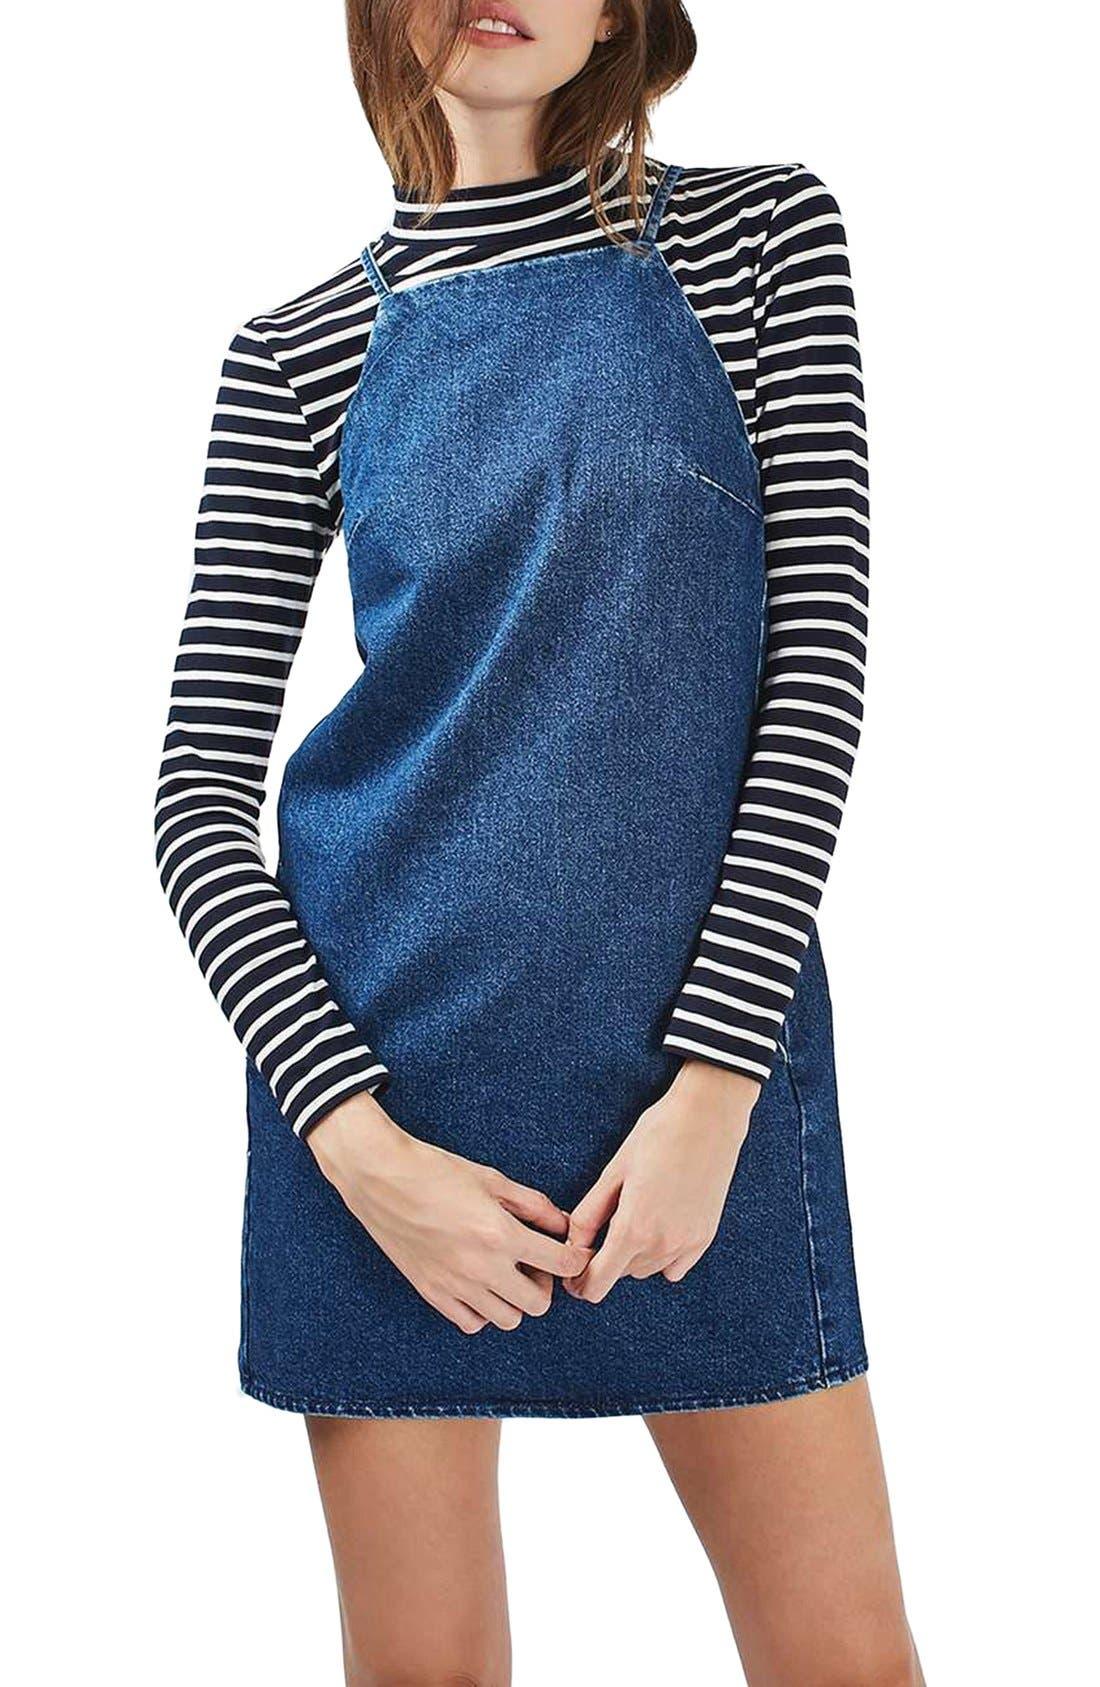 Alternate Image 1 Selected - Topshop Moto Denim Pinafore Dress